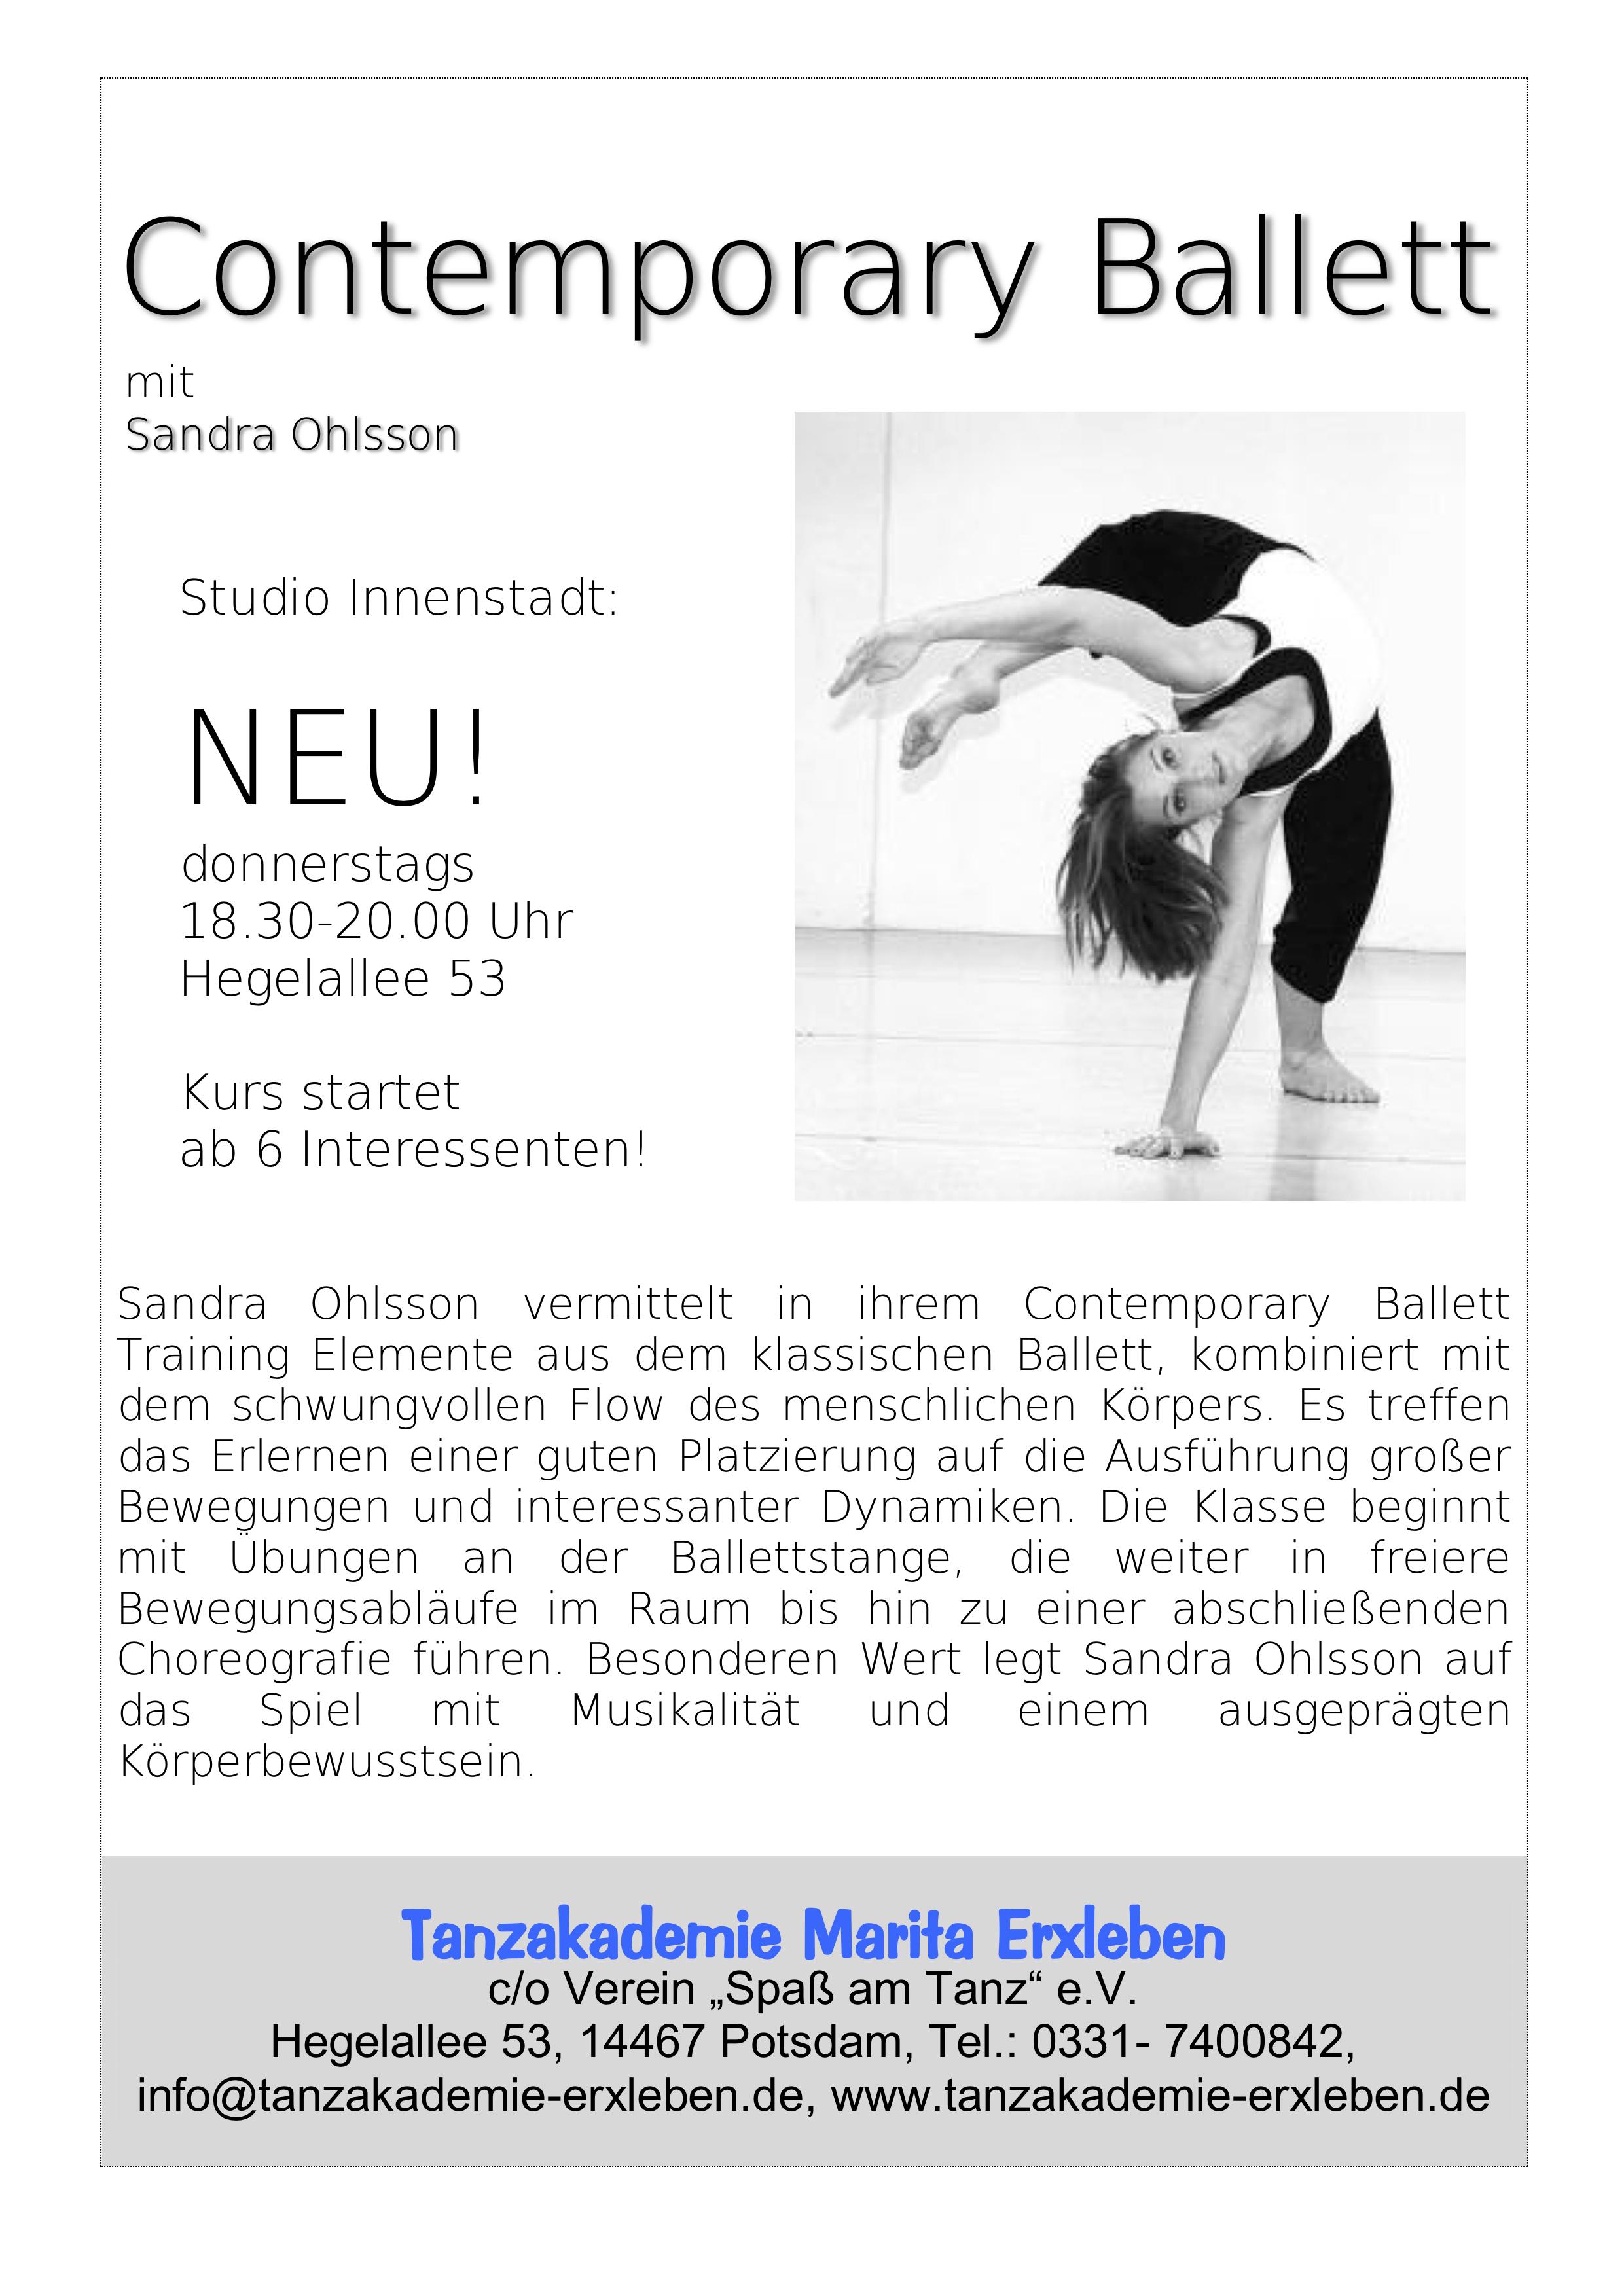 Bild Contemporary Ballett